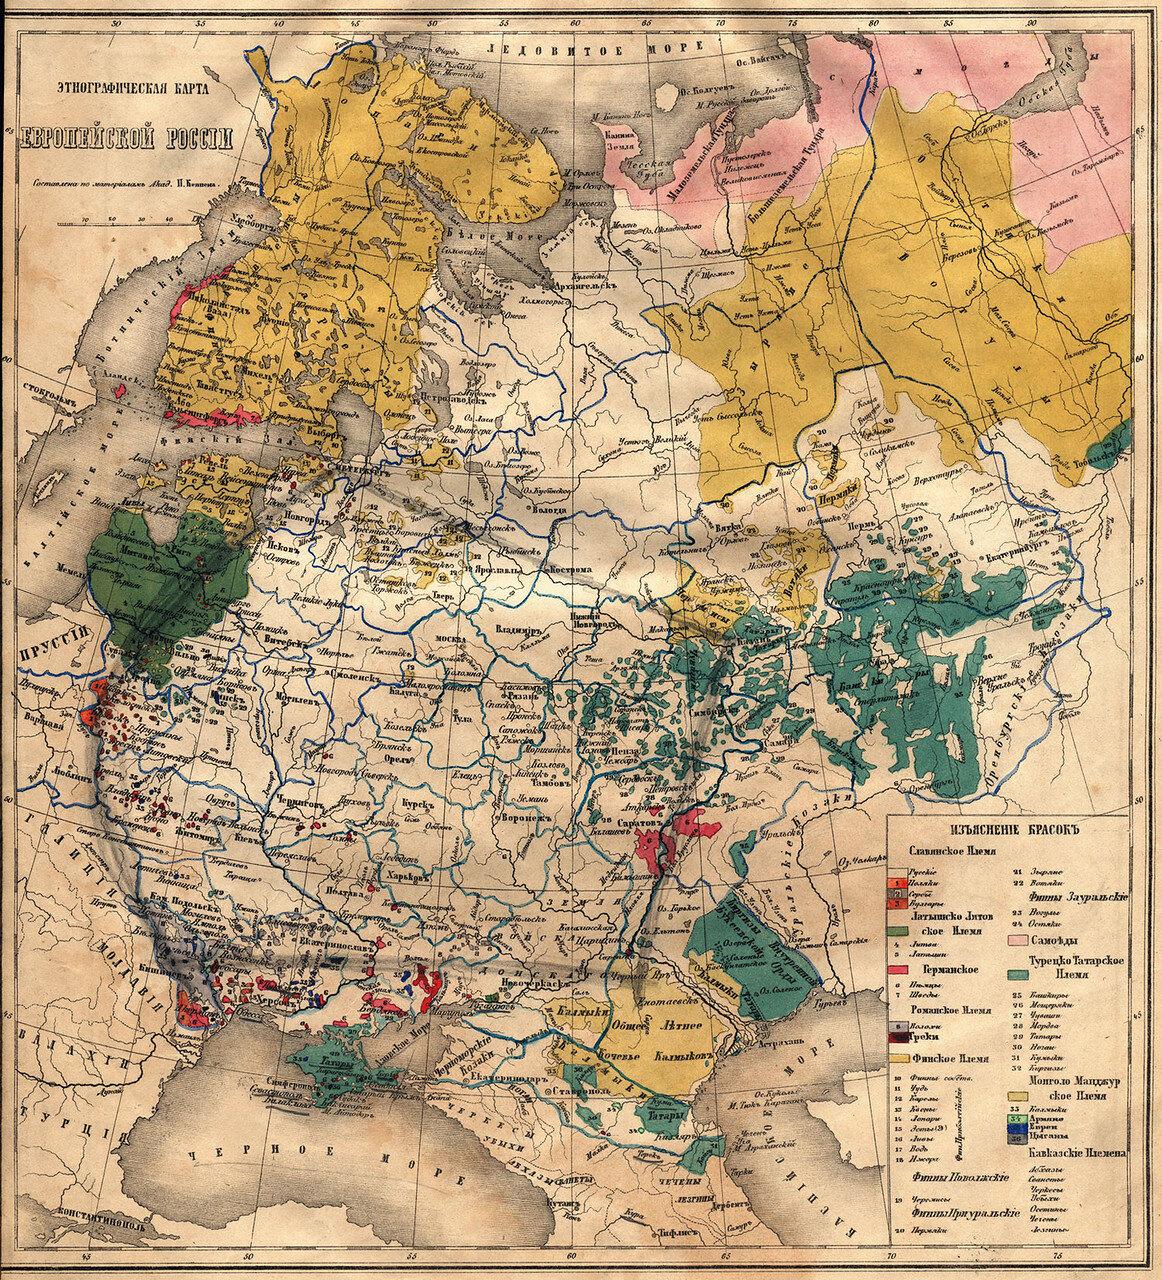 1857. Этнографическая карта Европейской России